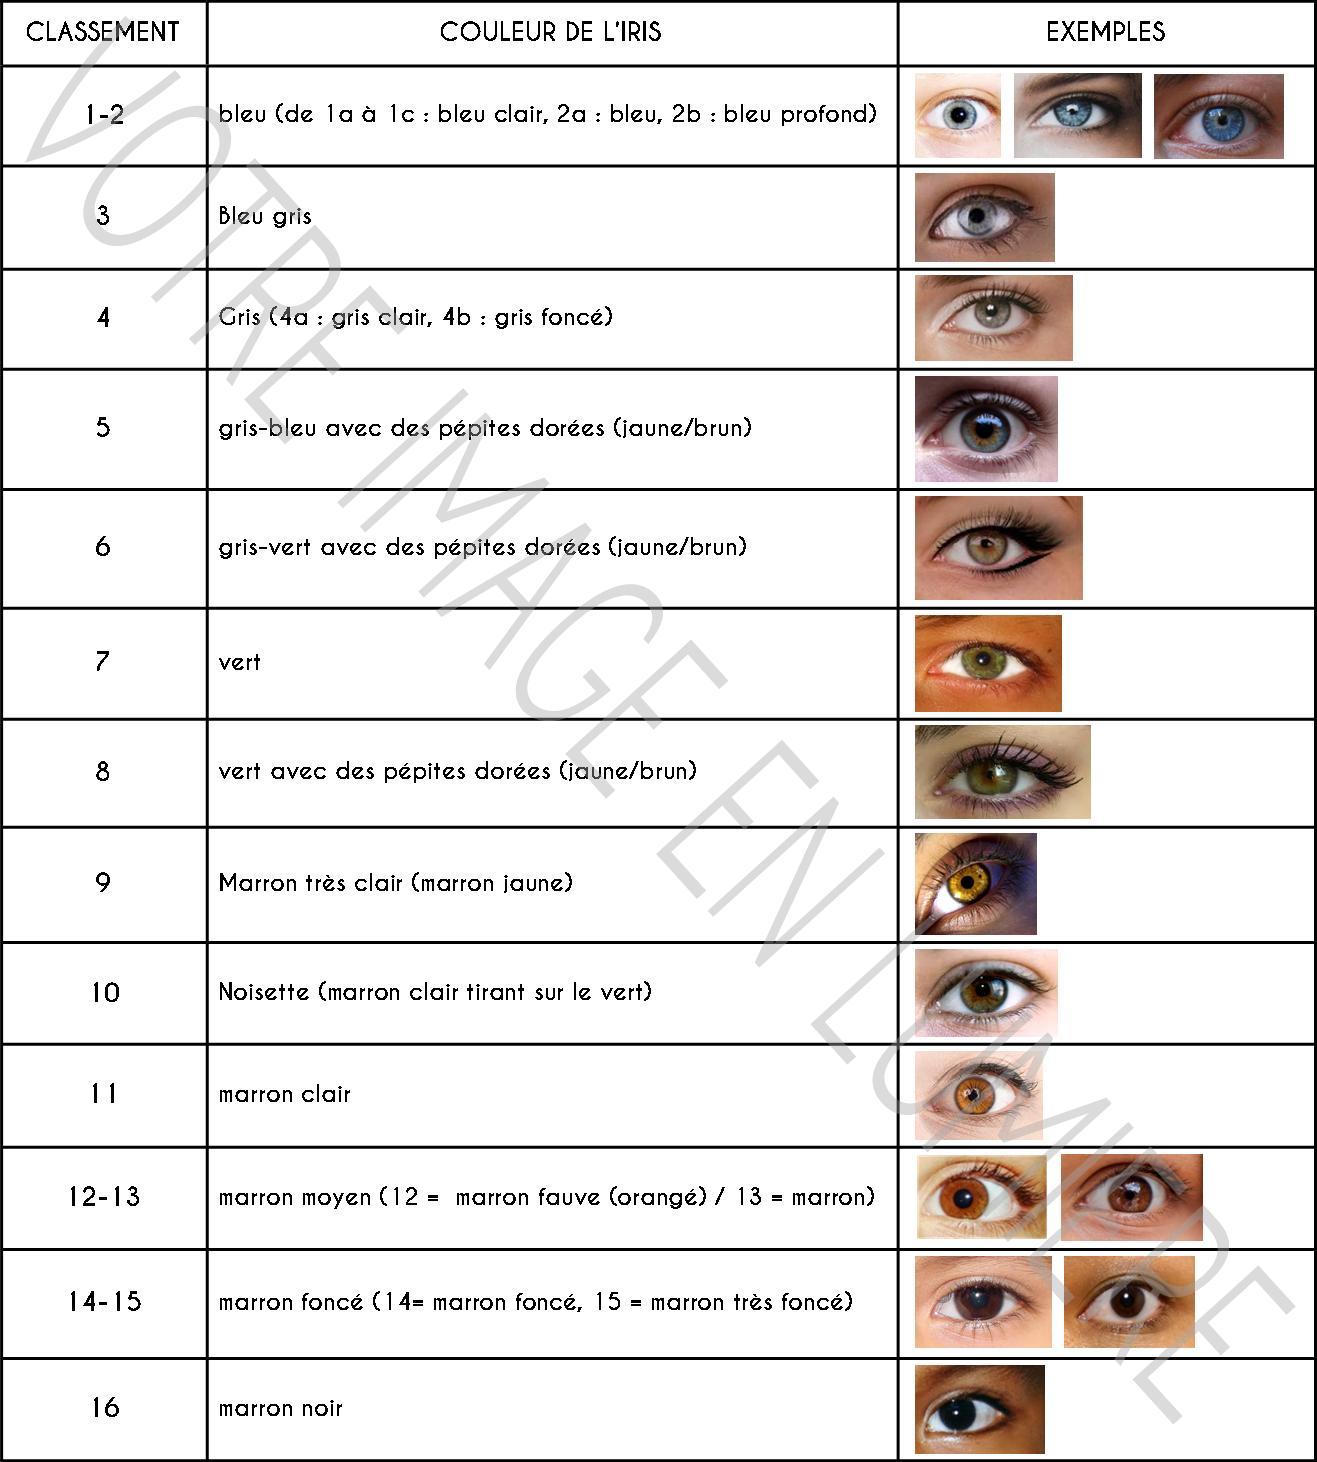 e235a73d0c01a0 Classement couleur des yeux selon Martin-Schultz - Votre image en lumière